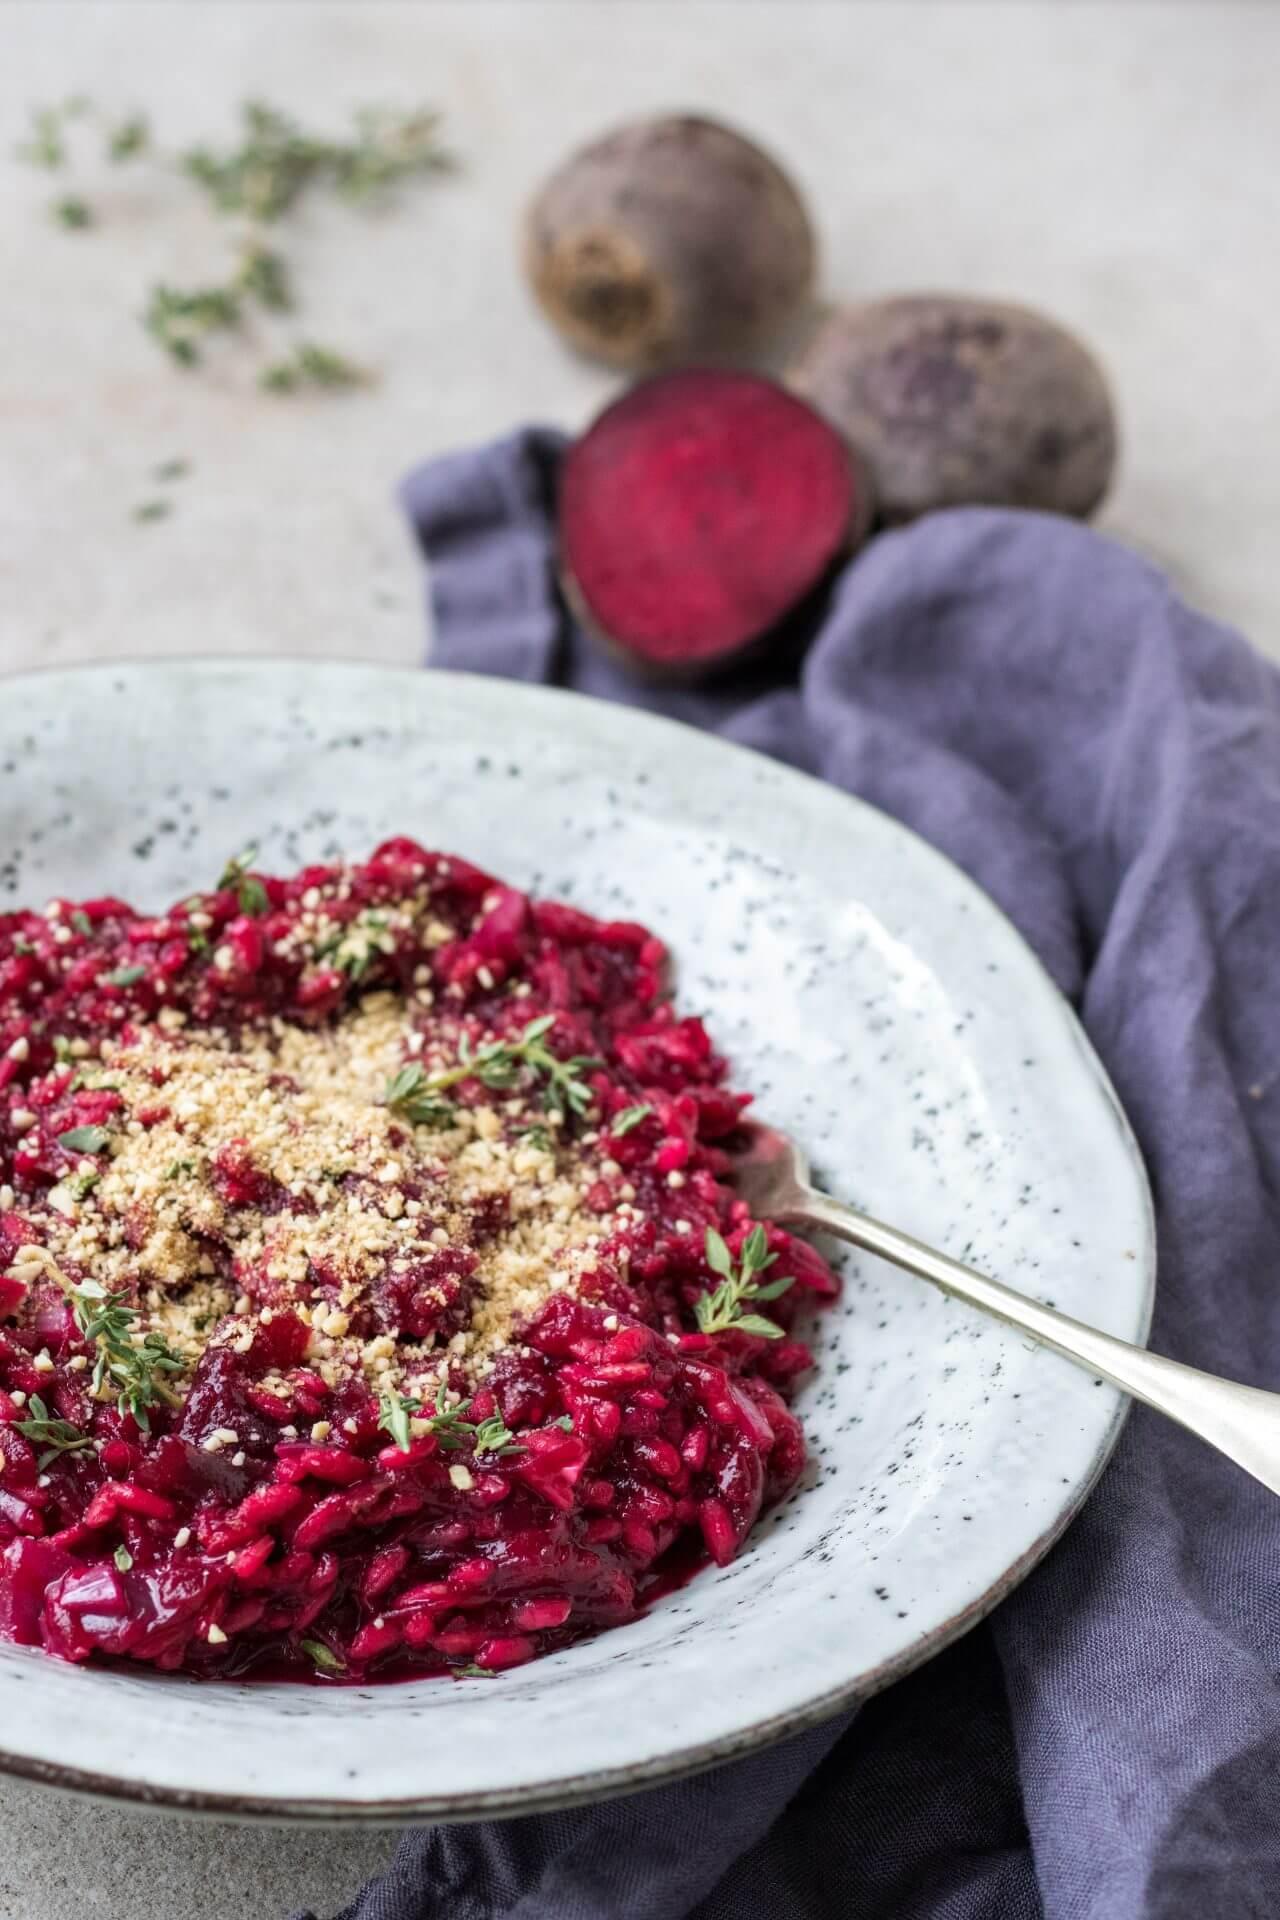 bieten-risotto-met-vegan-kaas